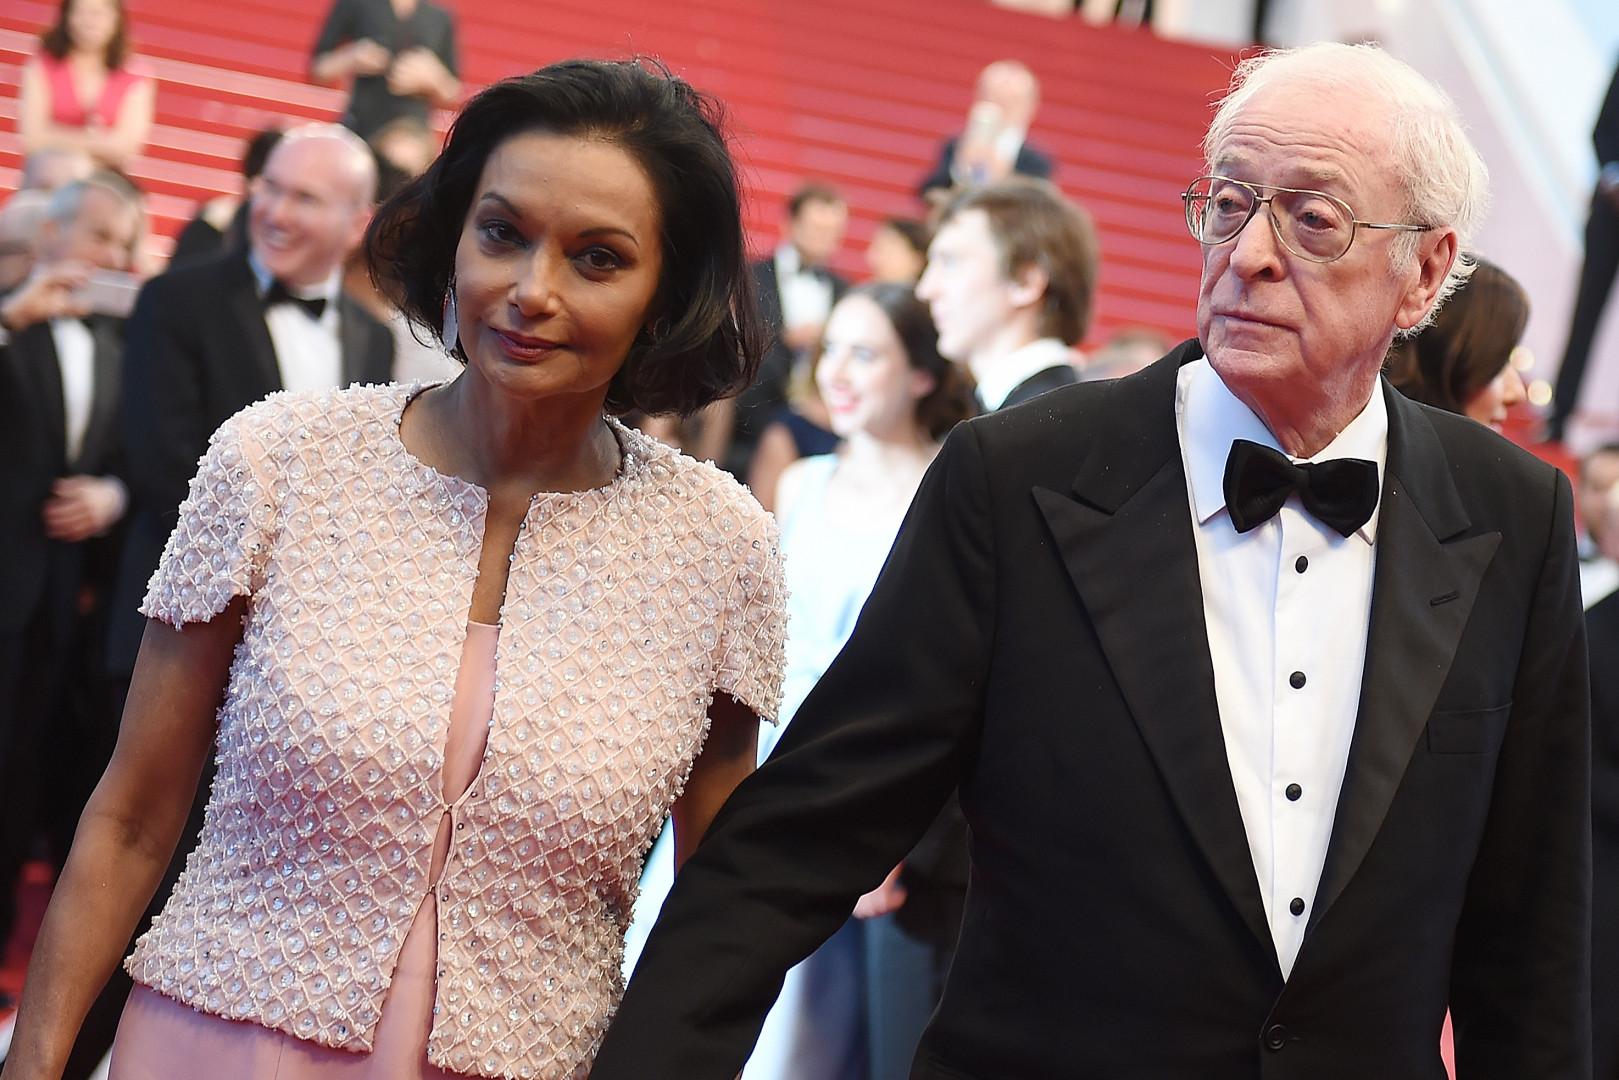 Michael Caine, élégant en compagnie de sa femme sur la Croisette le 20 mai